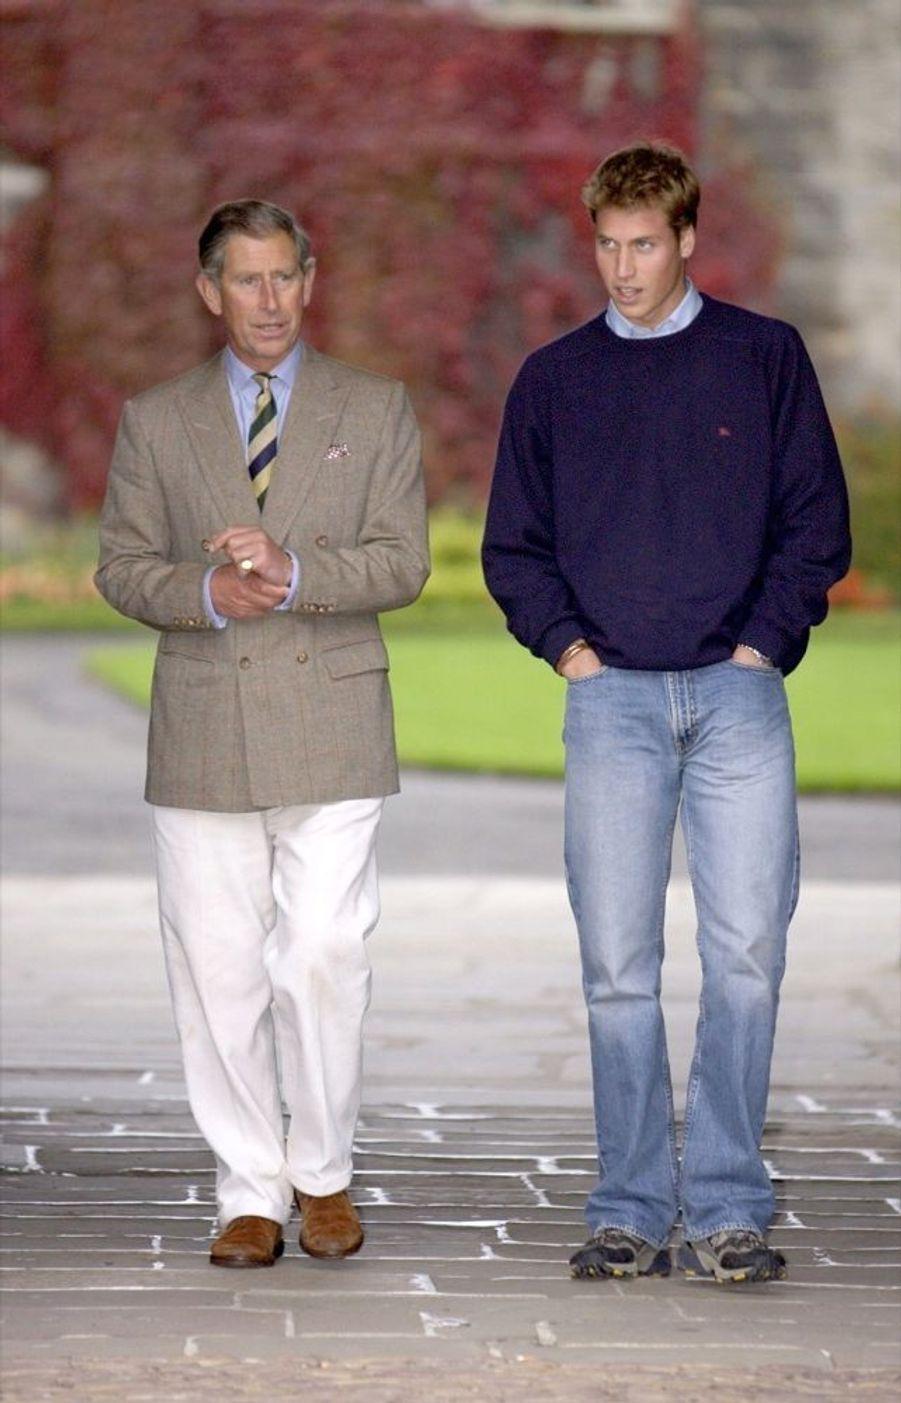 Le prince William, avec son père Charles, lors de son entrée à l'université de St Andrews, en Ecosse, en septembre 2001.